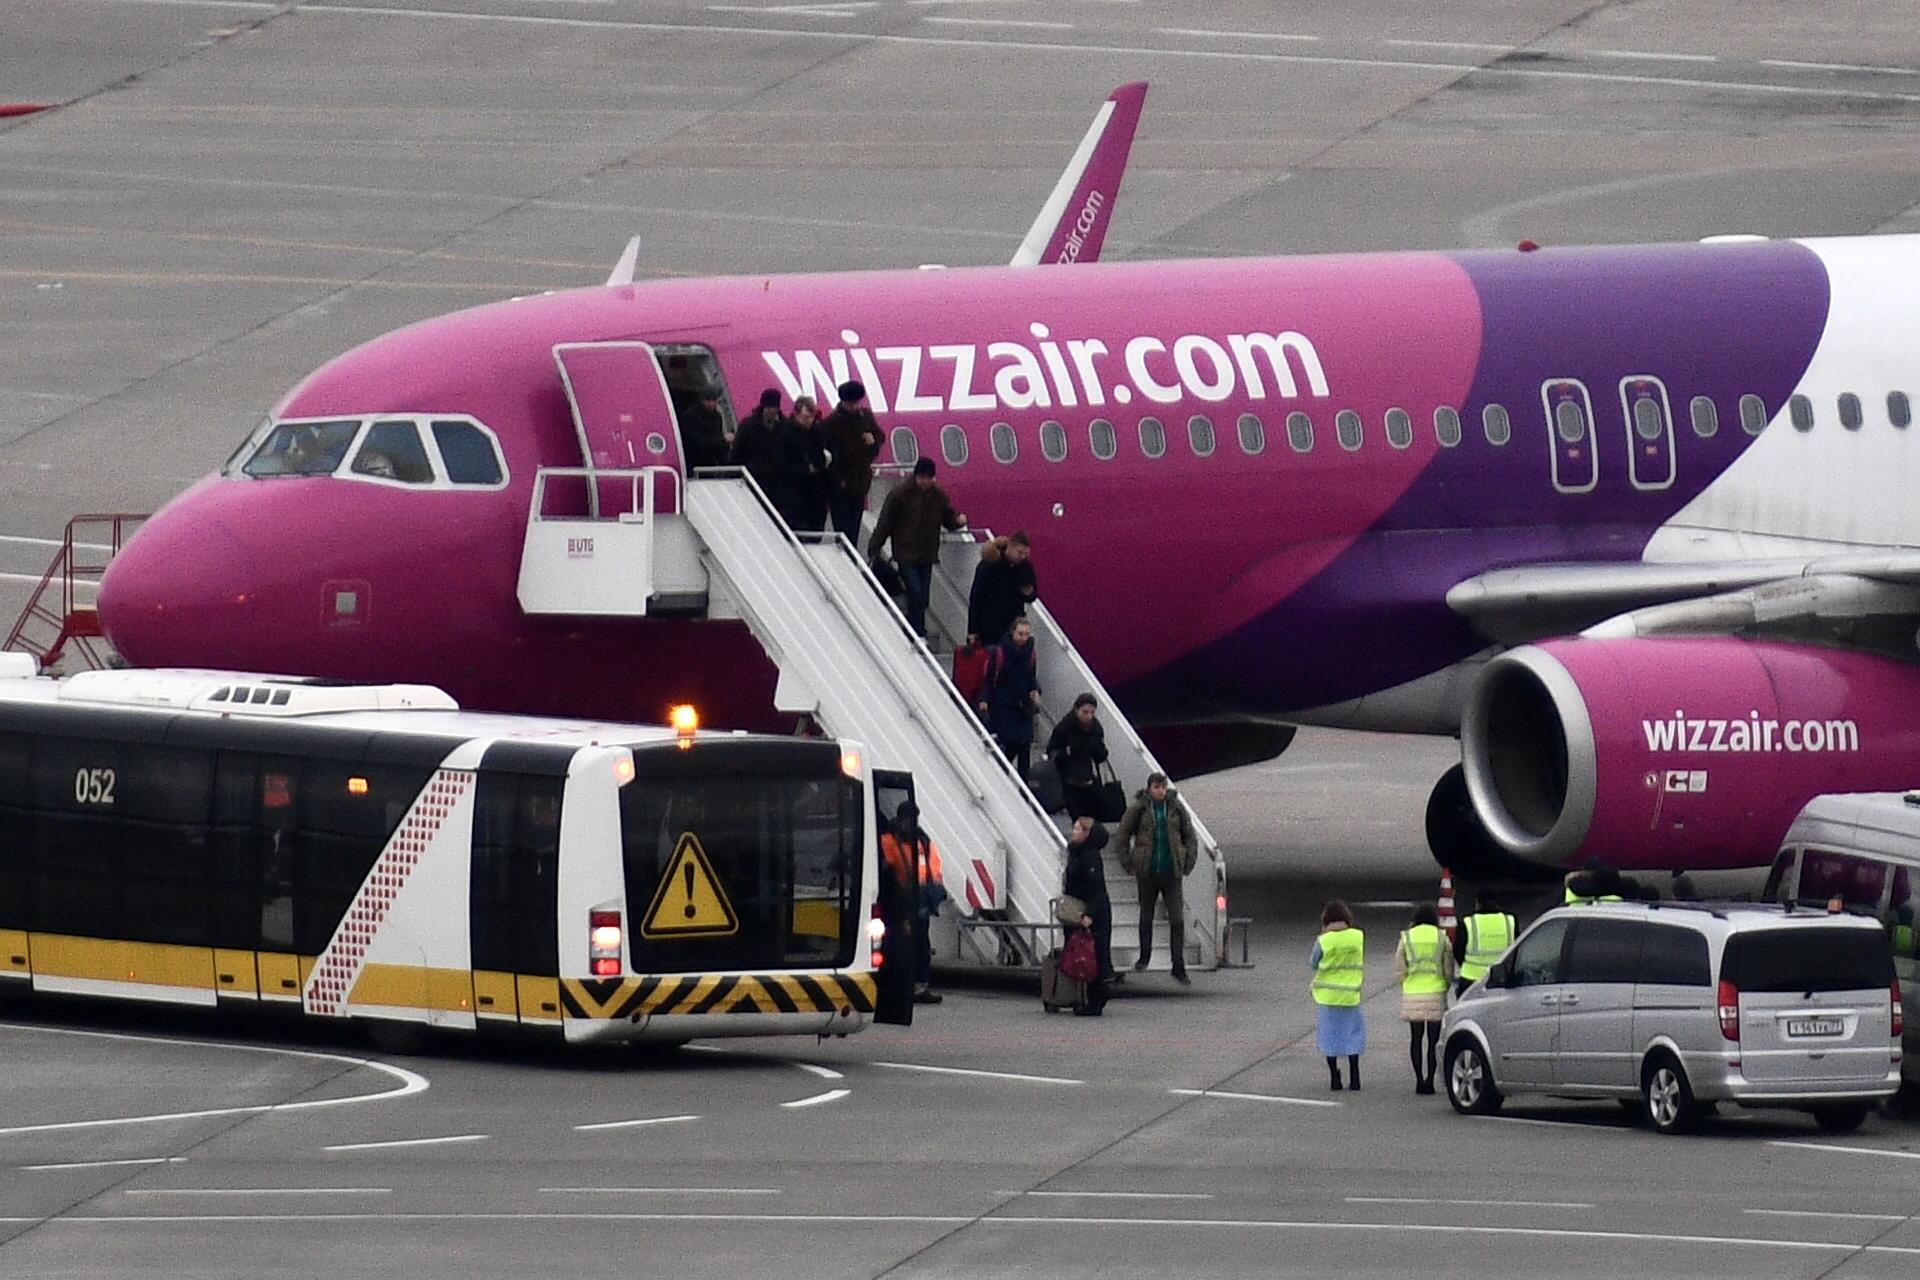 5 perc múlva itt a busz, ígérte a Wizz Air éjfélkor, majd 4 órán át váratta magyar utasait a bezárt palermói reptér előtt